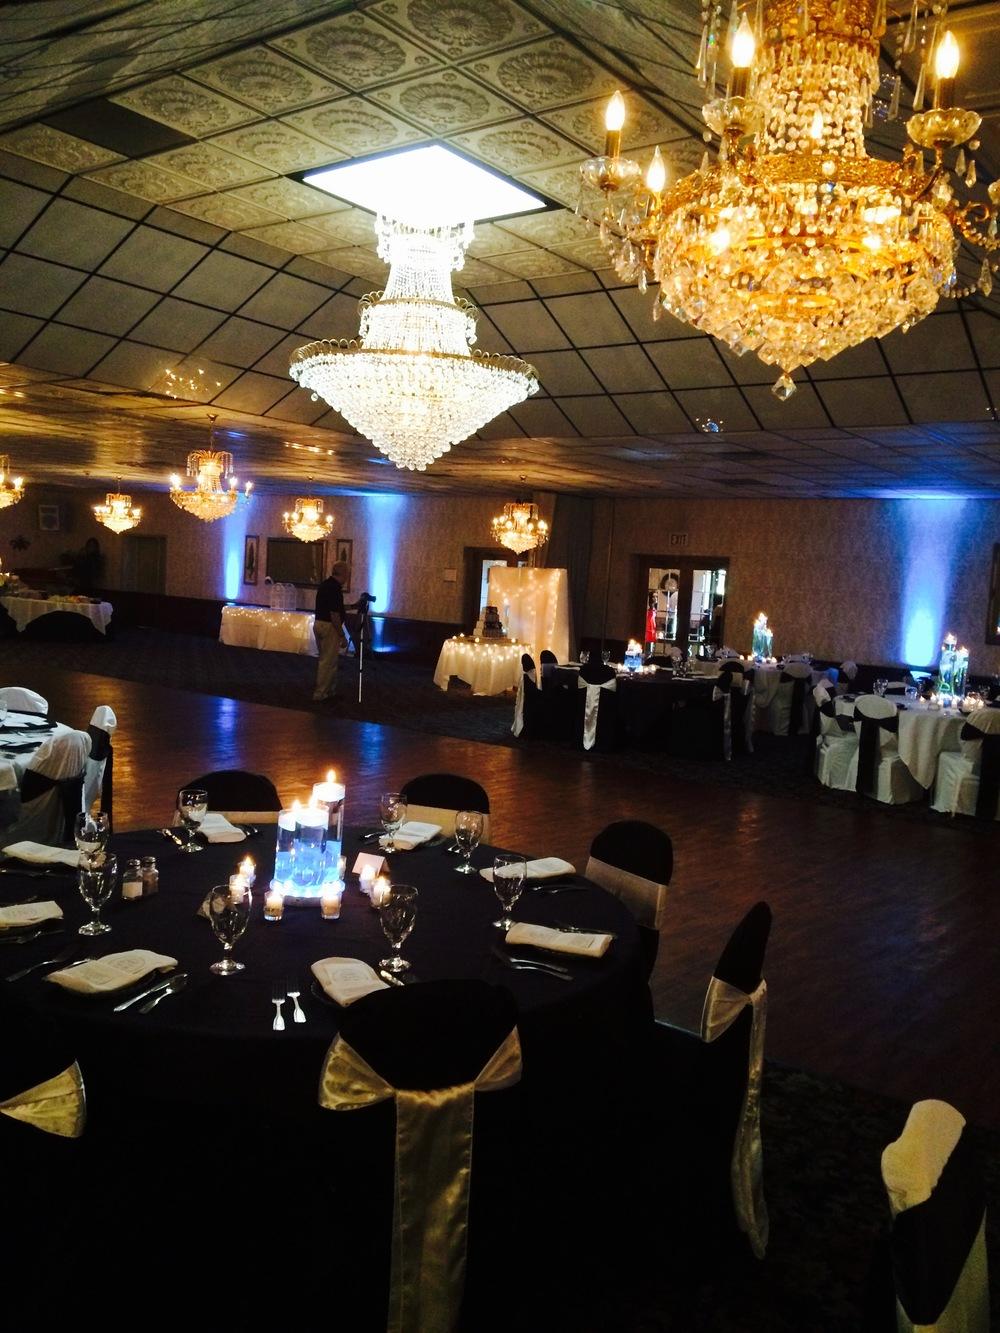 tiff-blue-light-chandeliers.jpg